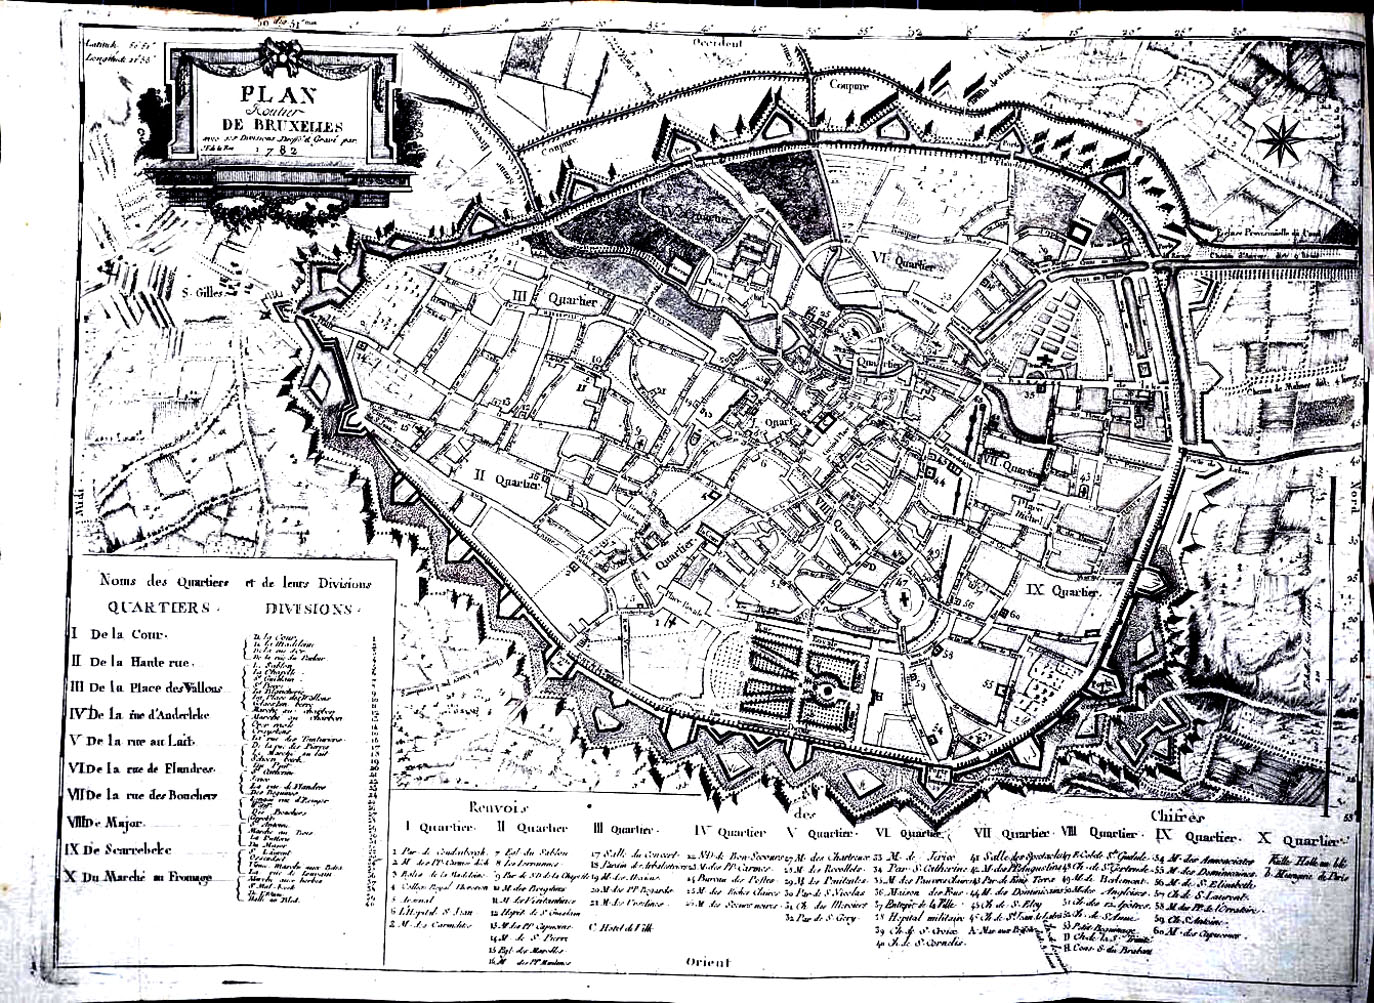 Plan du Bruxelles de 1783. Les zones étant bien délimitées, parfait pour un coloriage complexe